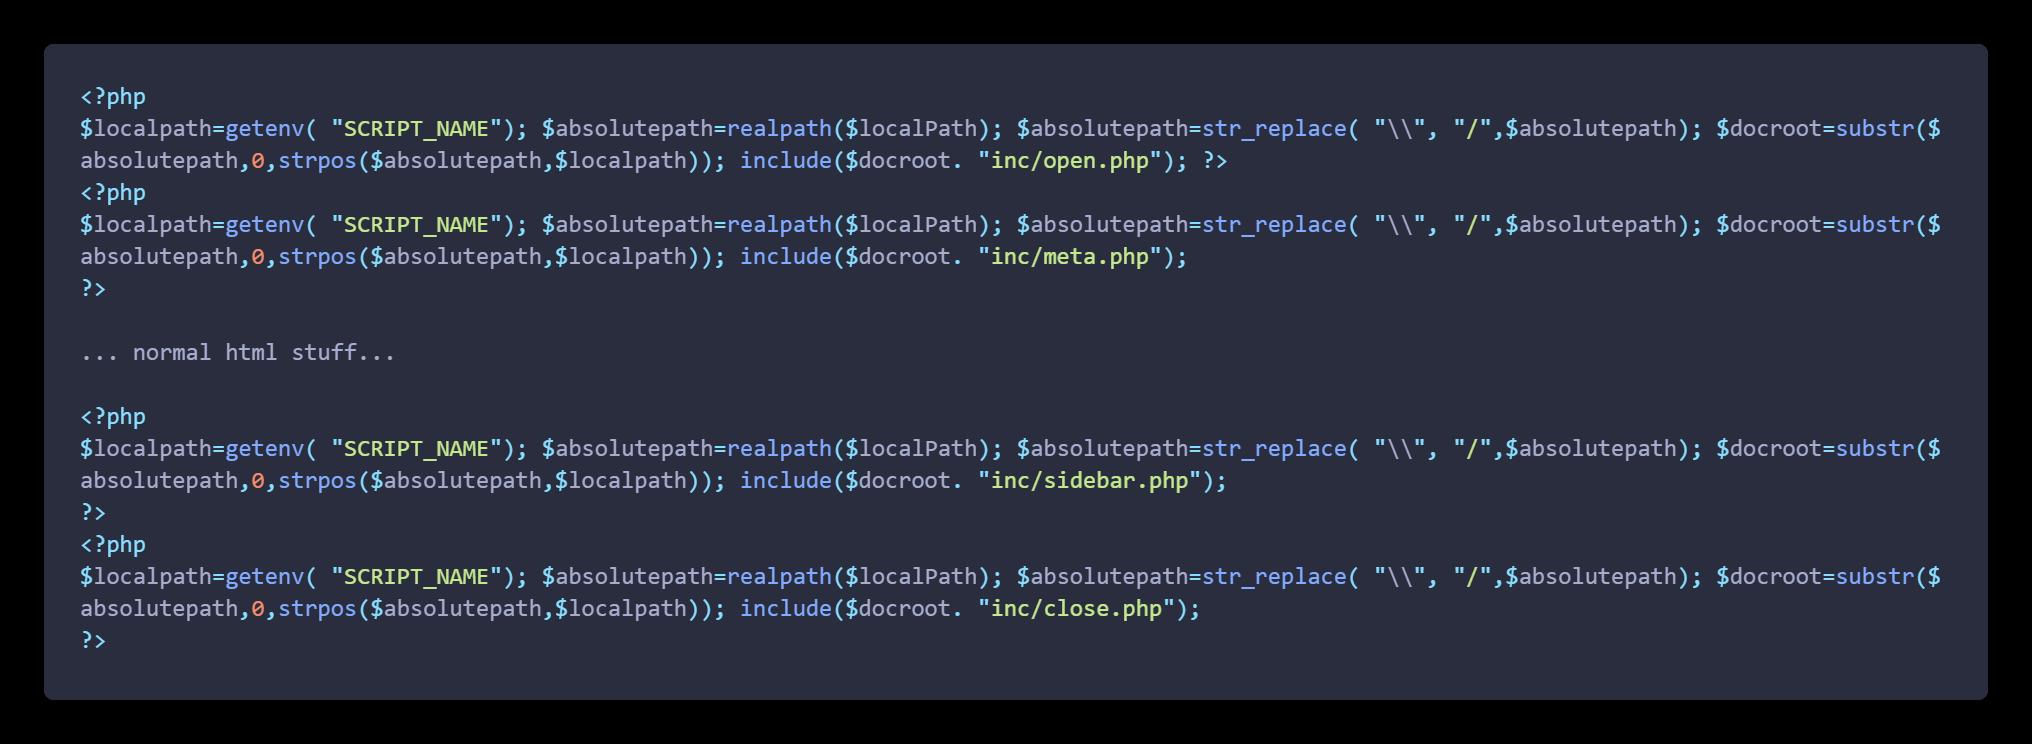 redeclare code